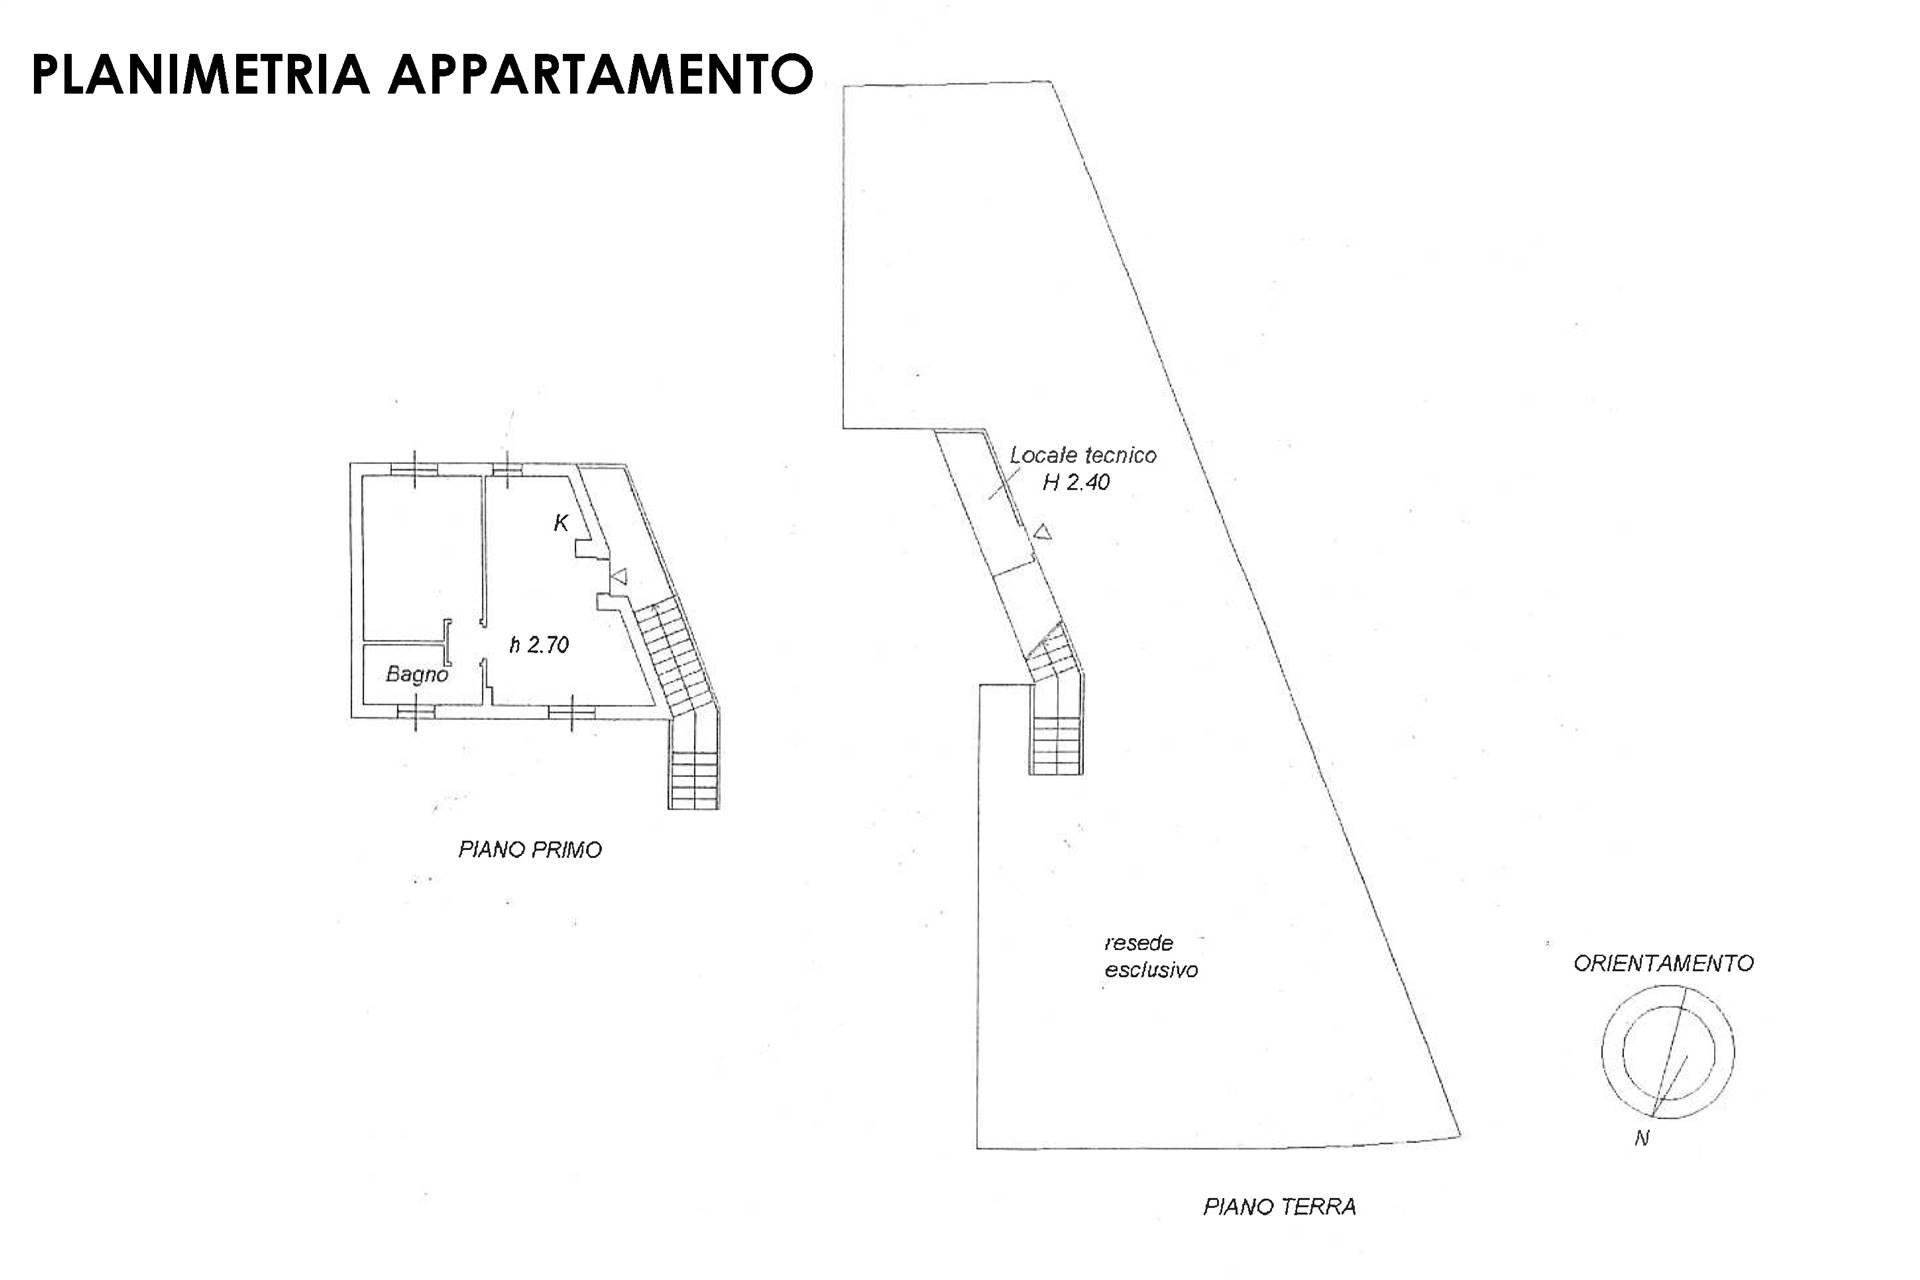 Planimetria app.to